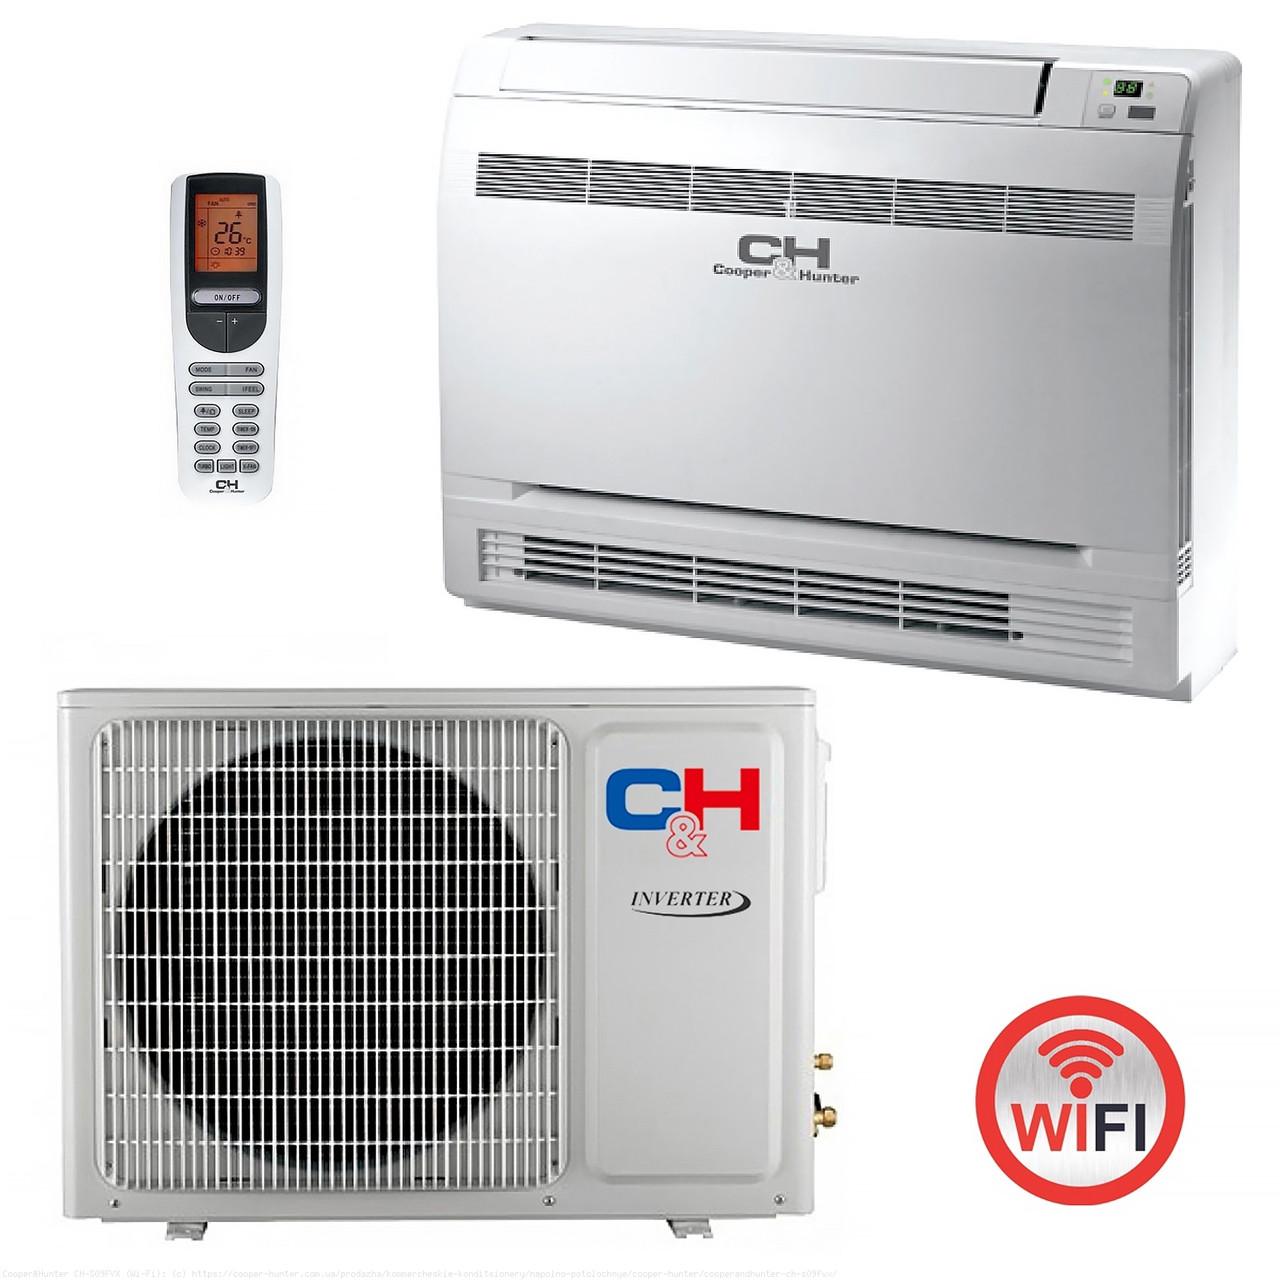 Кондиционер консольный (инверторный) напольно-потолочный Cooper&Hunter CH-S12FVX (Wi-Fi)